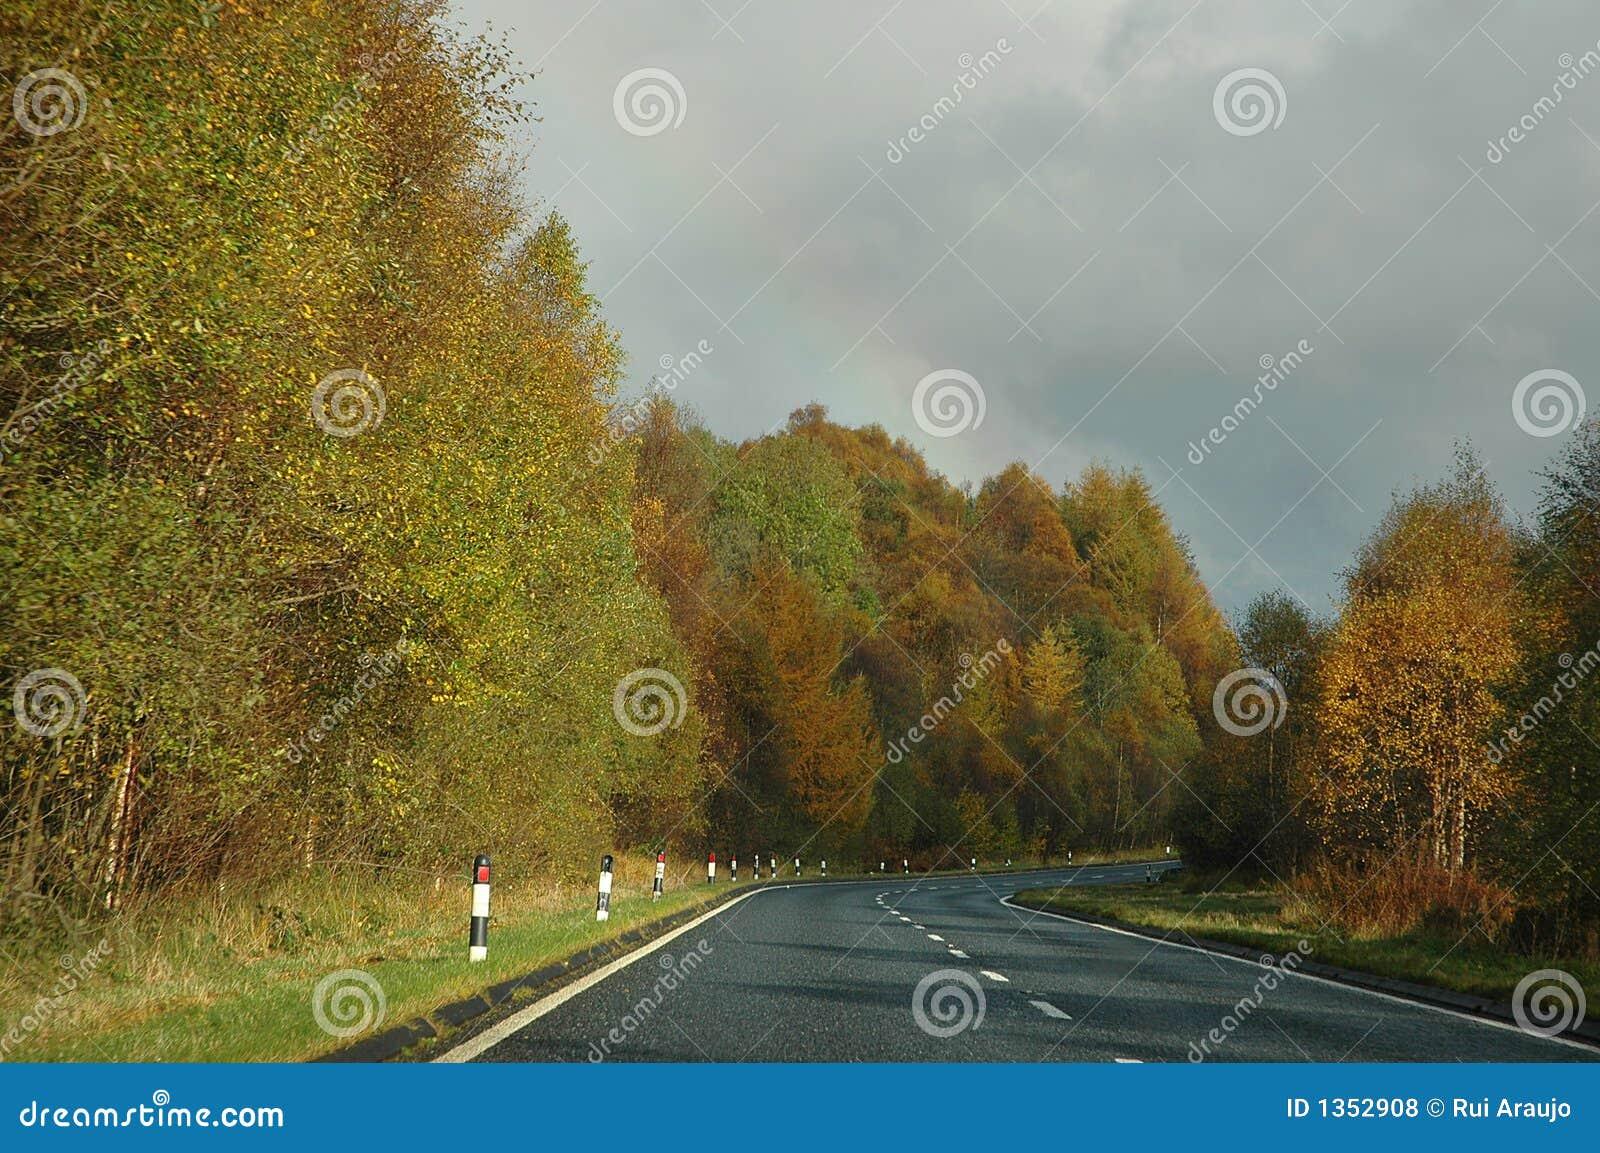 Autumn Rain Is Just Beautiful